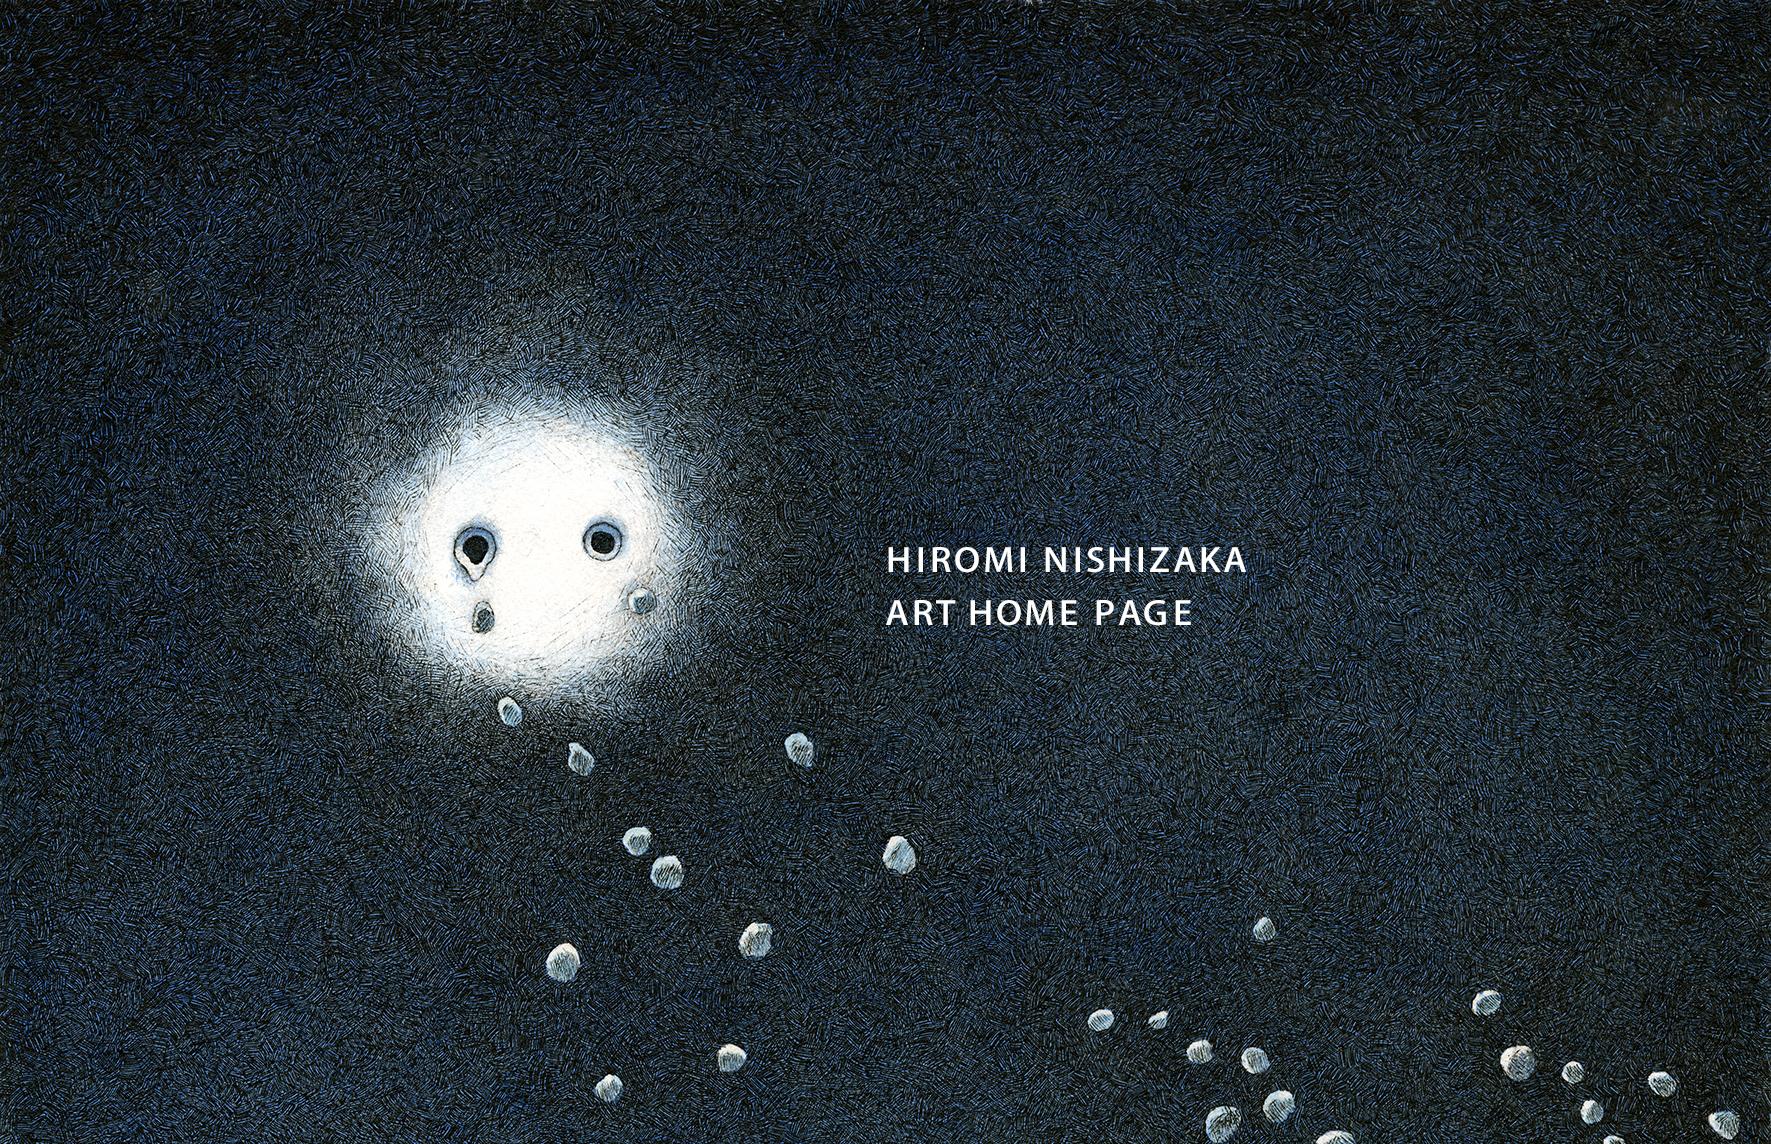 にしざかひろみ ホームページ / NISHIZAKA HIROMI HOME PAGE